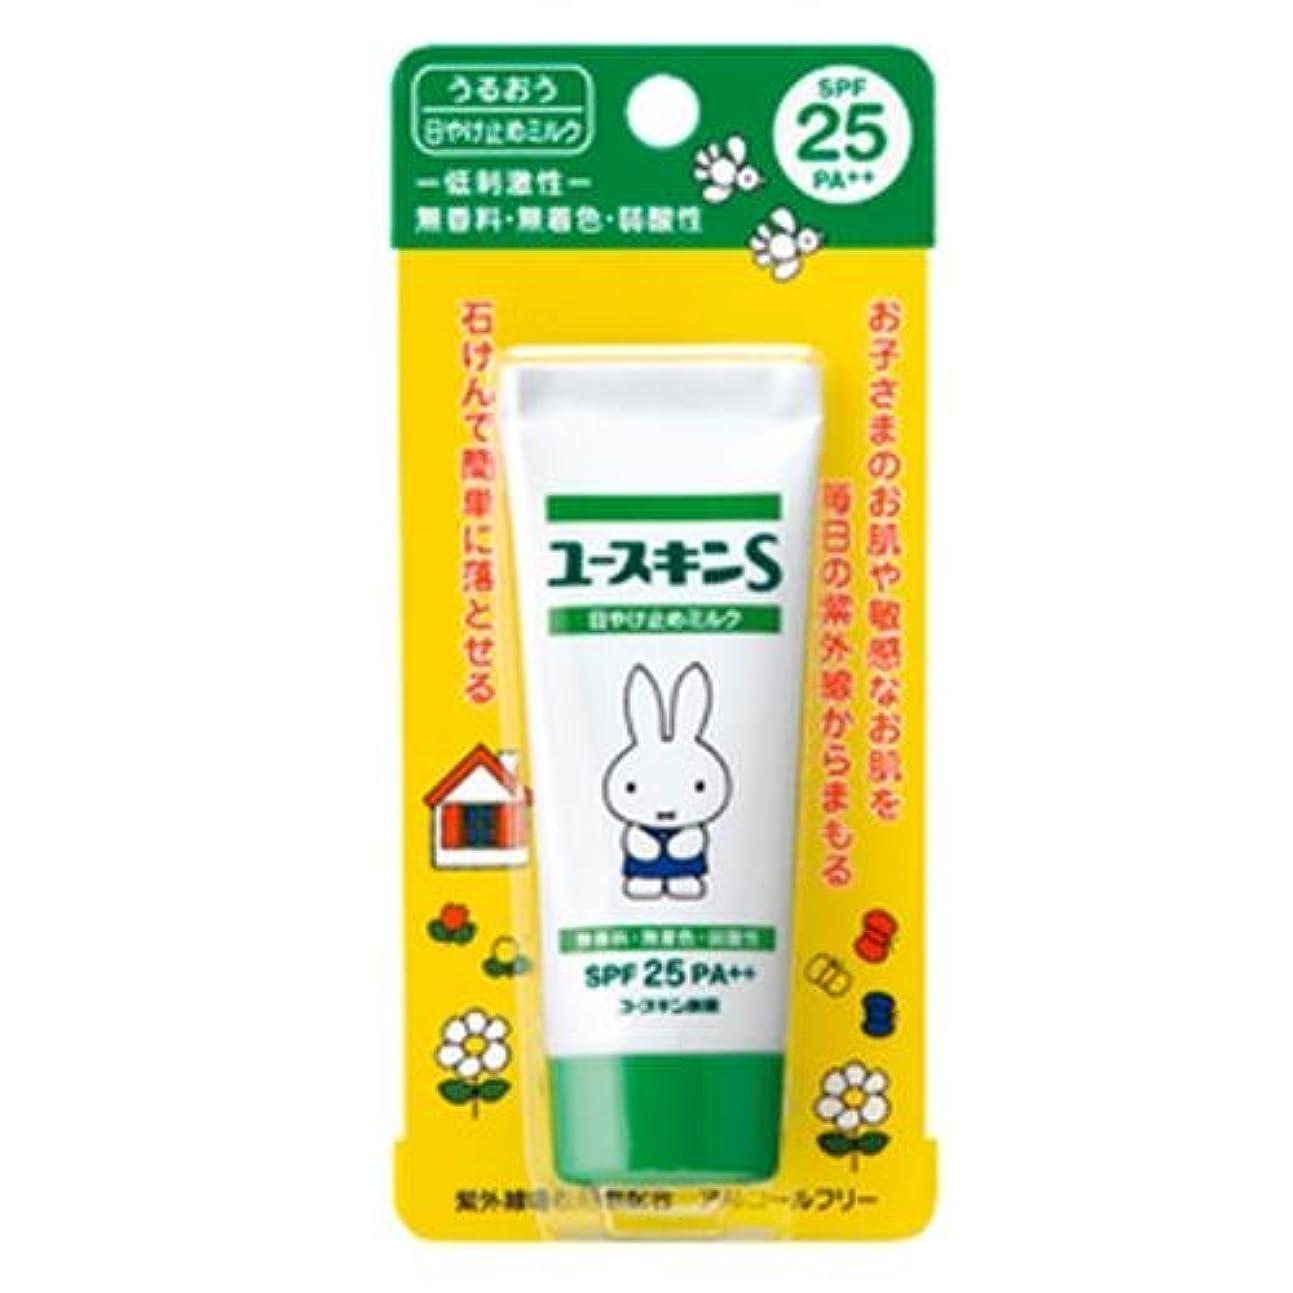 キャリア印をつける活力ユースキンS UVミルク SPF25 PA++ 40g (敏感肌用 日焼け止め)